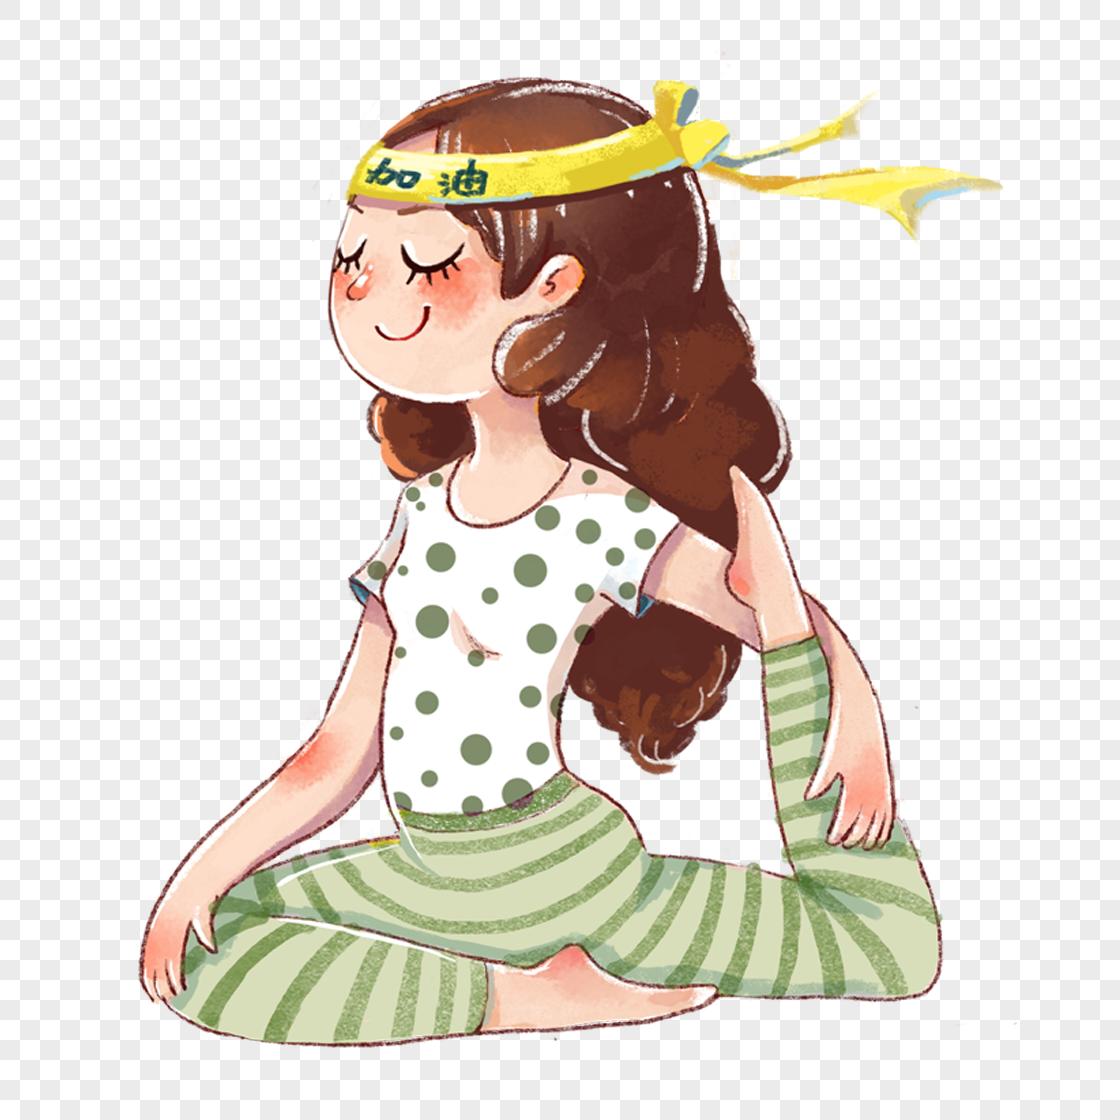 图片 素材 手绘/卡通元素 瑜伽女孩.